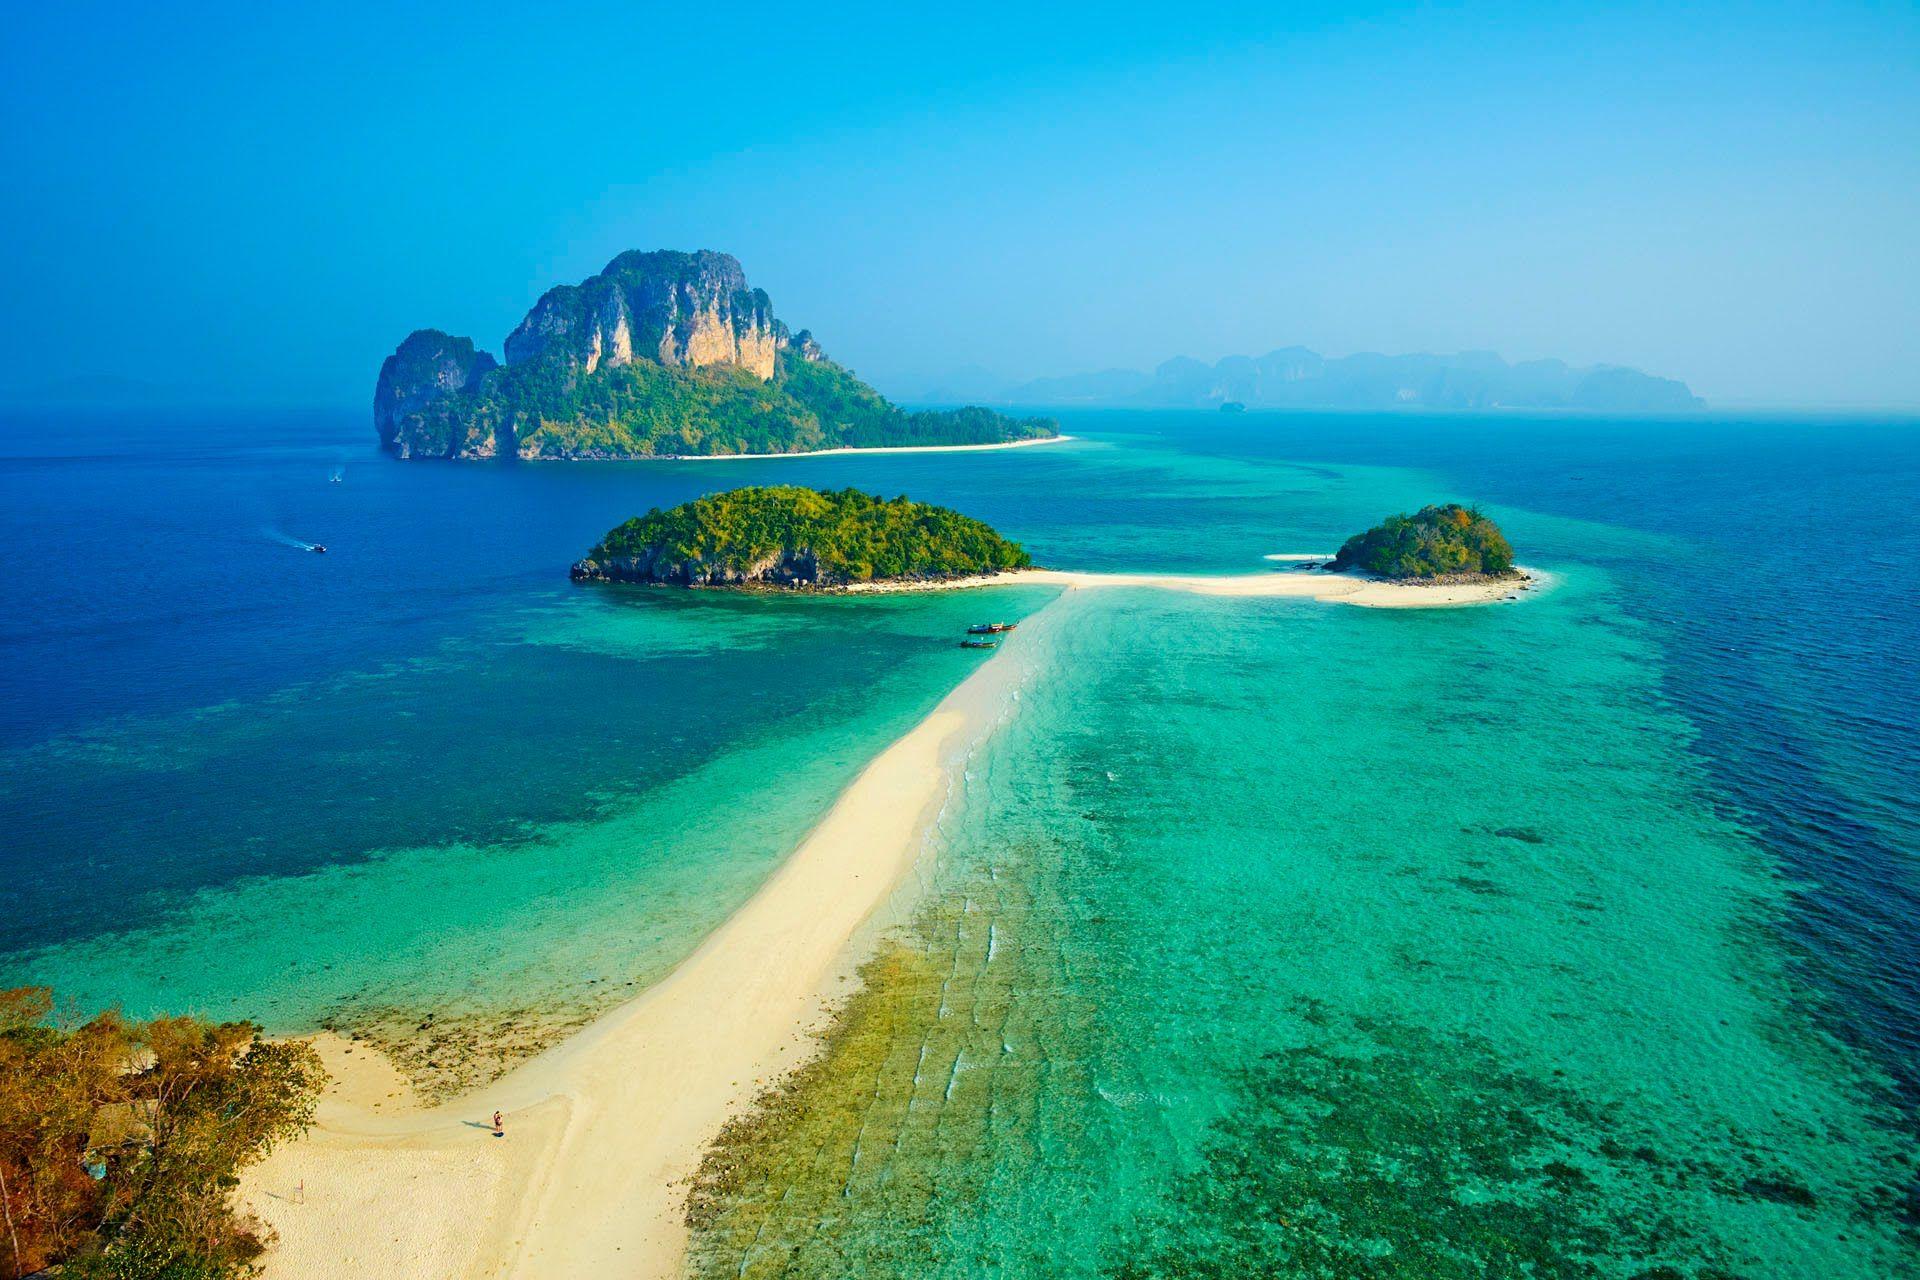 丽贝岛_ImageresultforKohLipe,Thailand|Beautifulislands,Travel,Tarutaonational